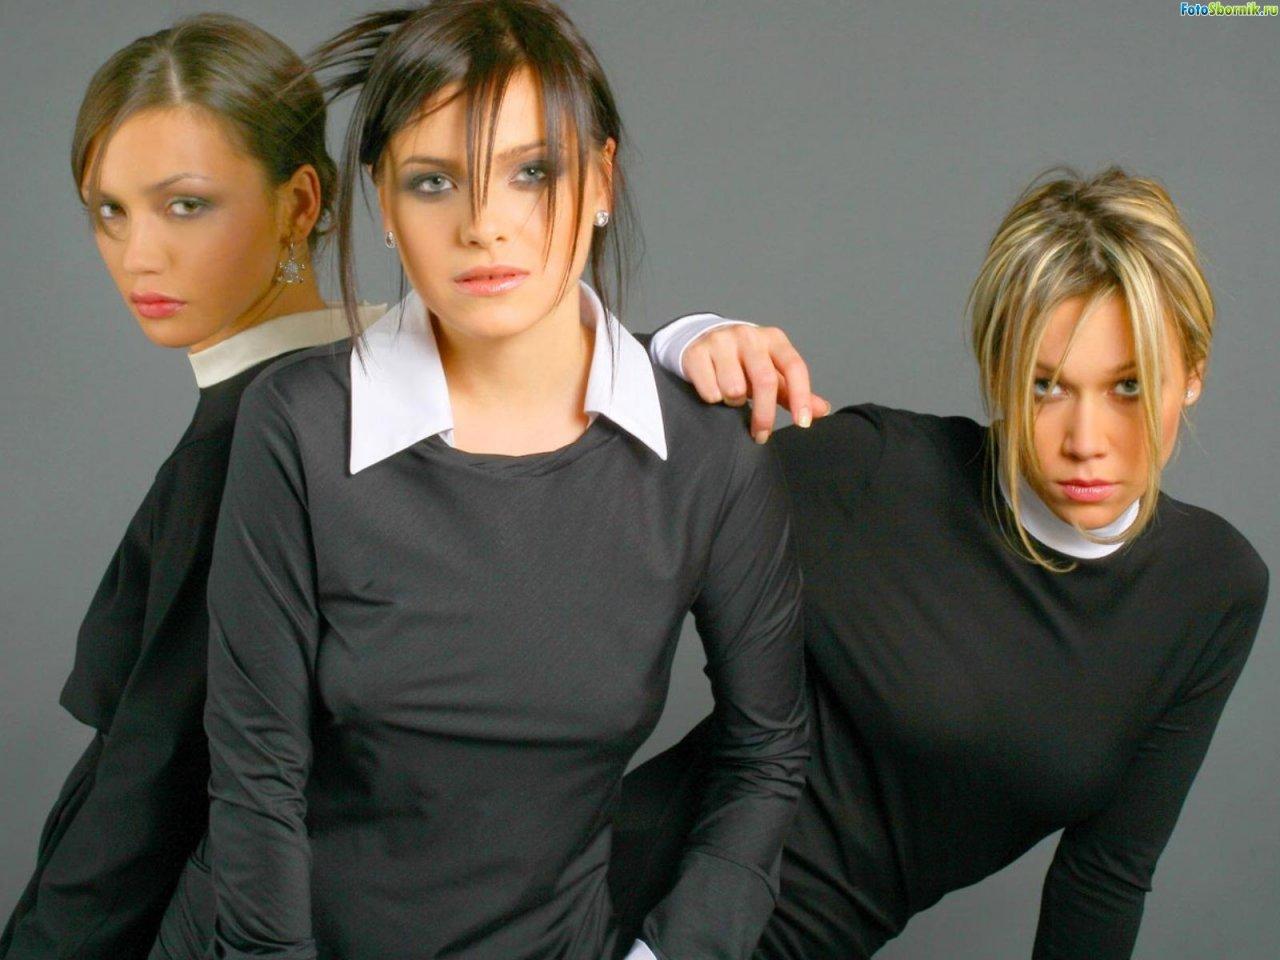 Знаменитости фото группа серебро 4